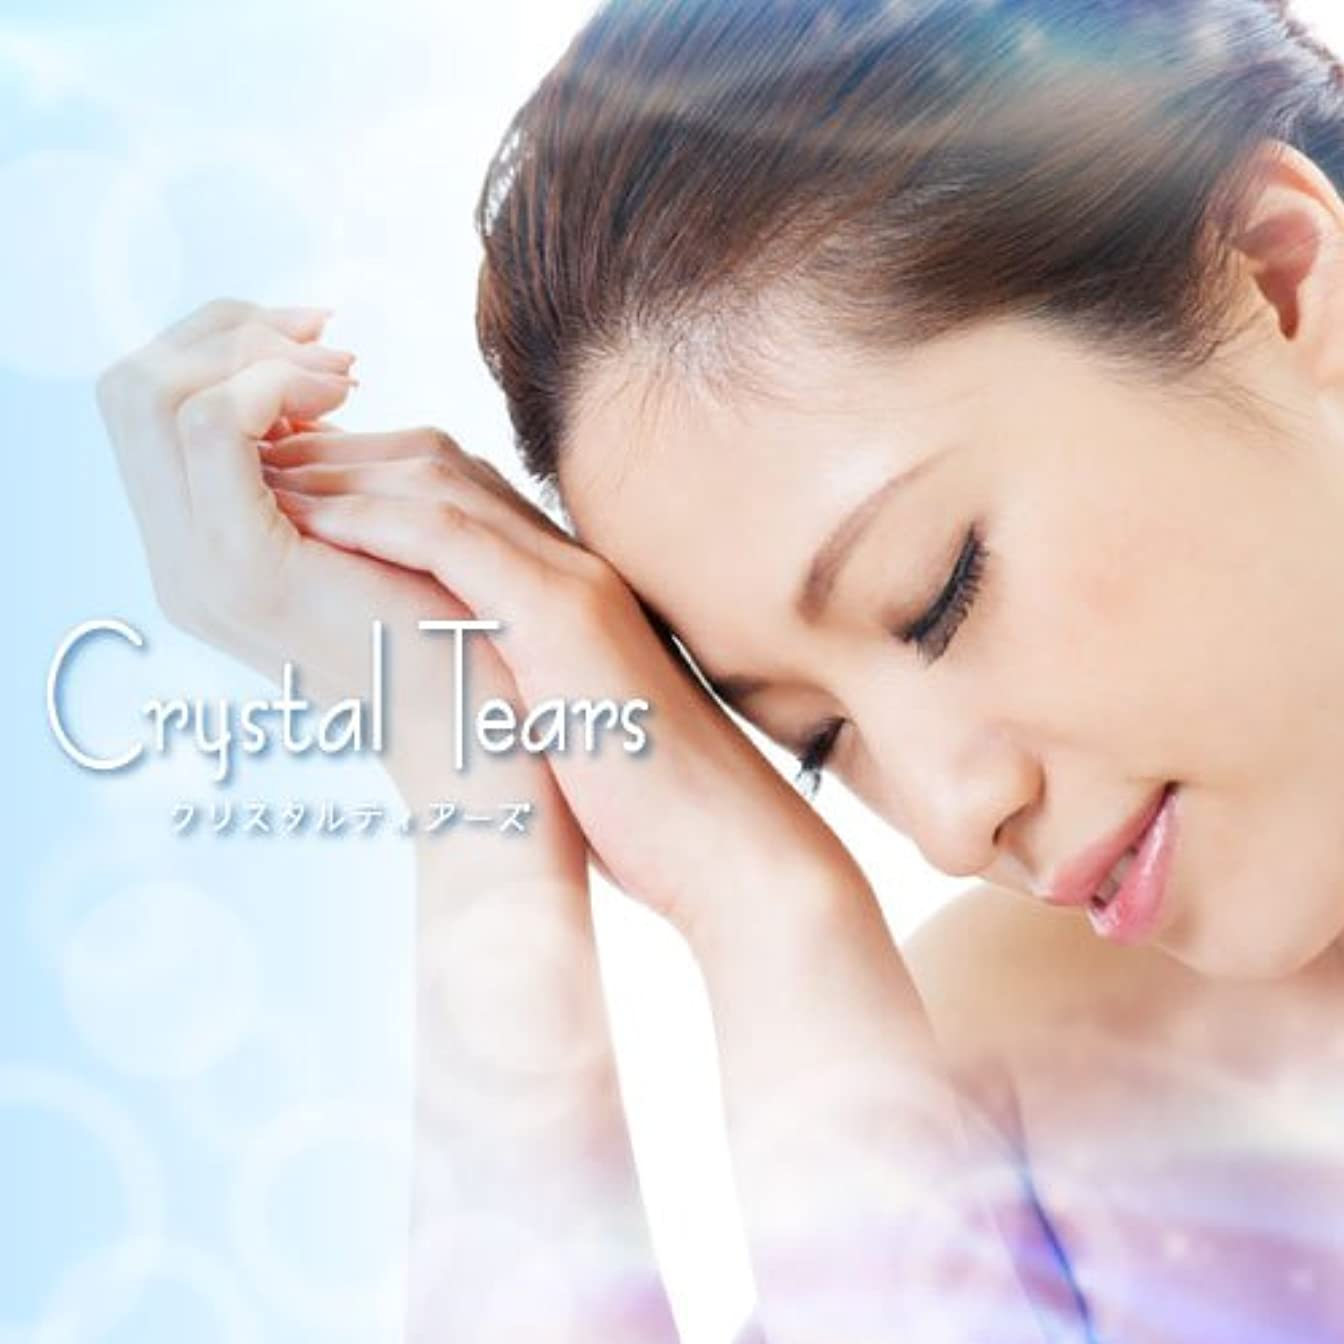 列挙する忘れるはい【3個セット】Crystal Tears(クリスタル ティアーズ)